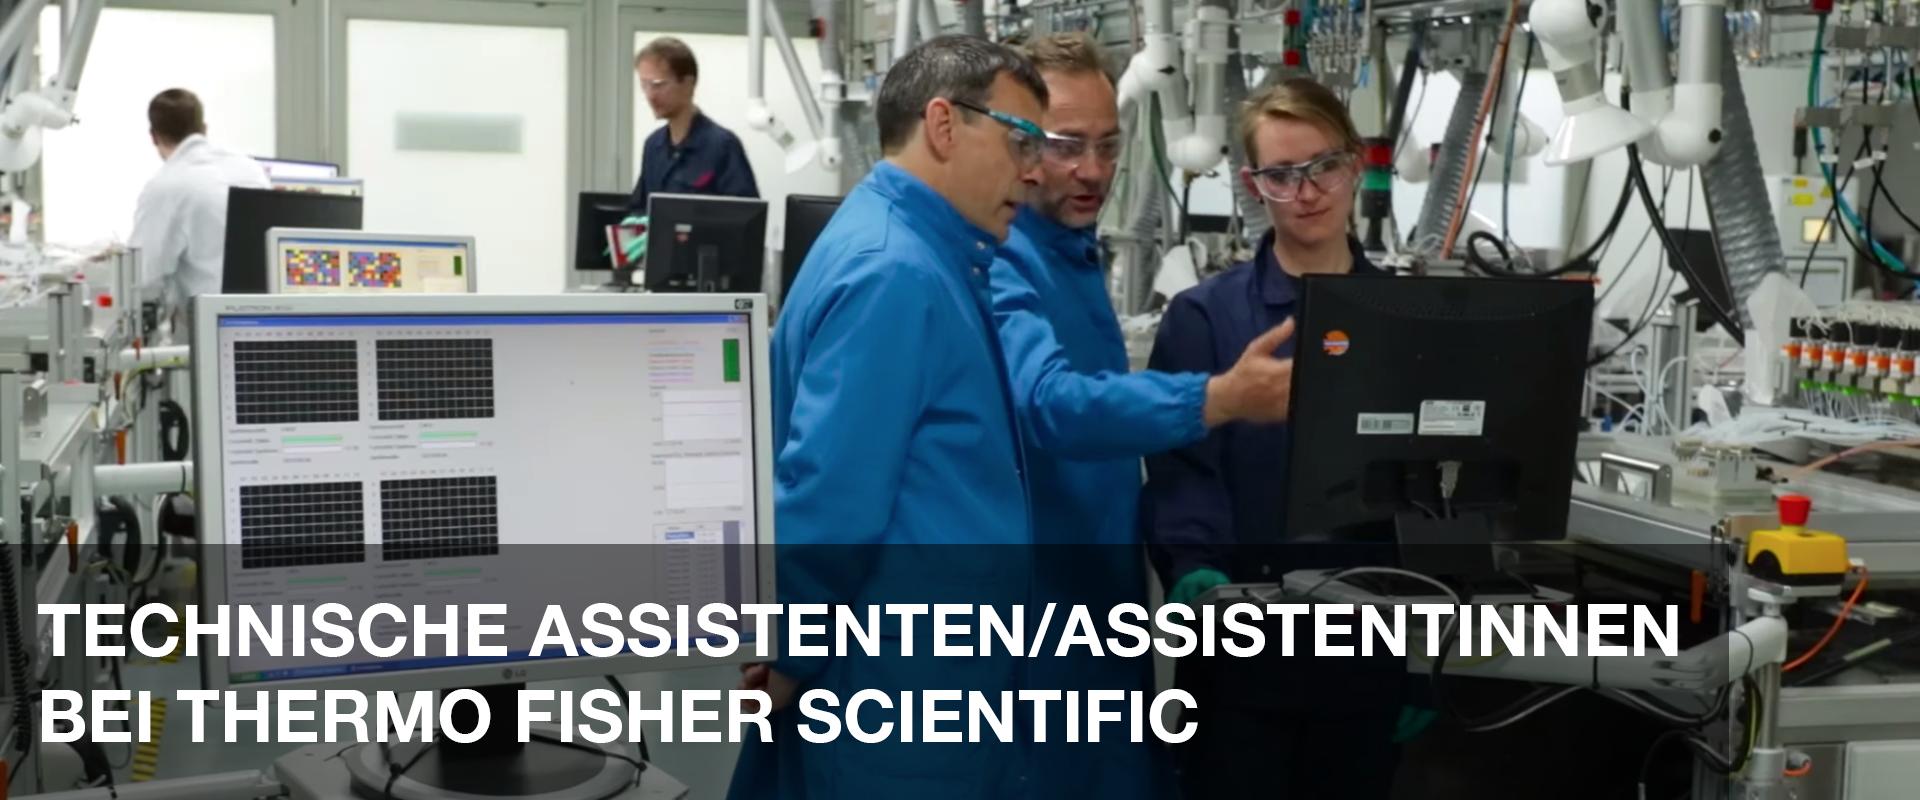 TECHNISCHE ASSISTENTEN/ASSISTENTINNEN BEI THERMO FISHER SCIENTIFIC